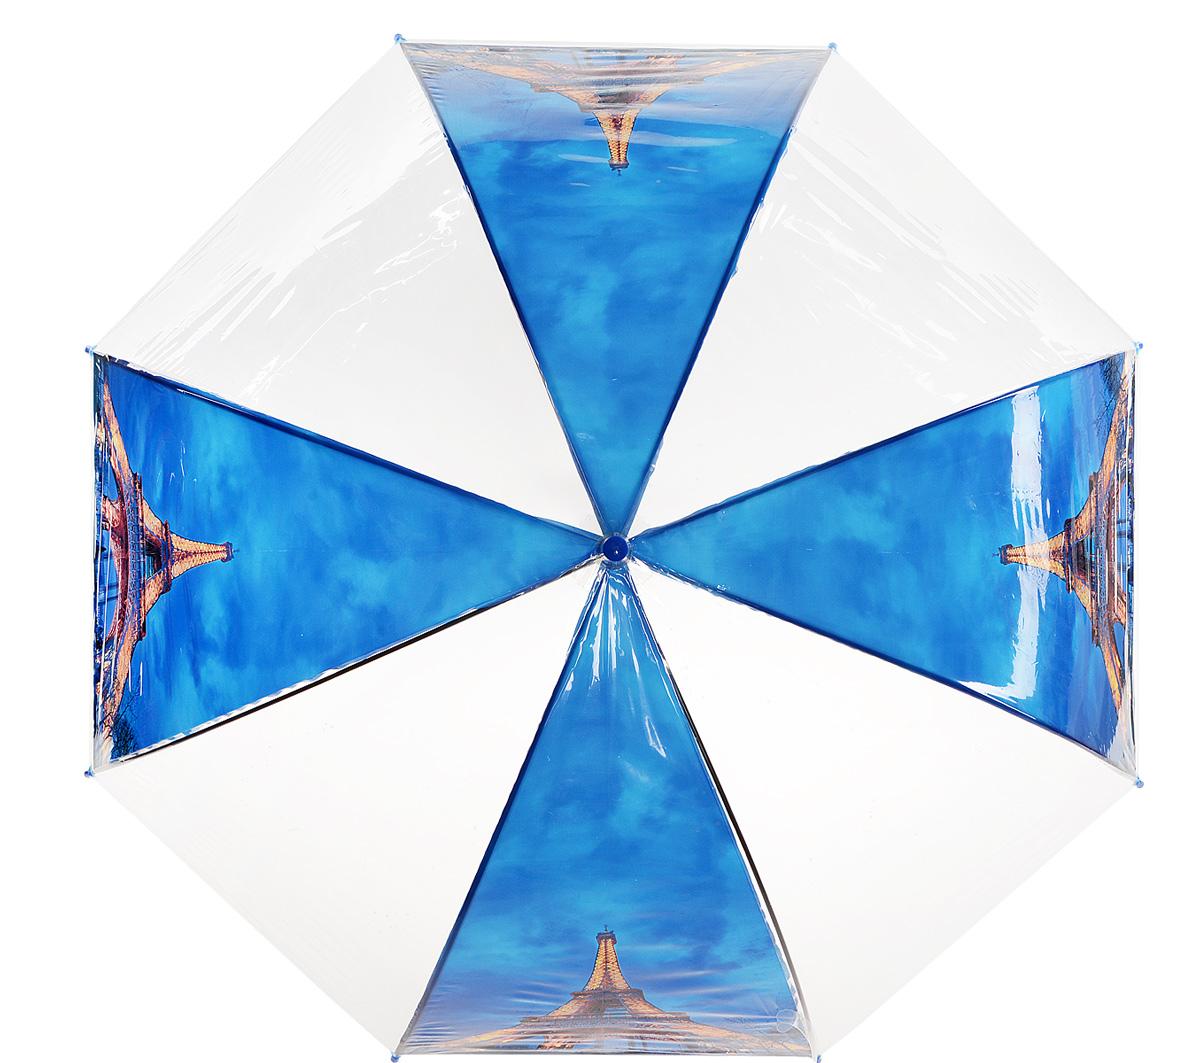 Зонт Kawaii Factory Paris Night, цвет: прозрачный, синий. KW042-000163REM12-GREYСтильный прозрачный зонт-трость Paris Night от Kawaii Factory станет вам бесценным помощником в любую непогоду. Этому аксессуару не страшен ни проливной дождь, ни сильный ветер. Его главные преимущества - большой купол и прочная конструкция. Зонт состоит из стержня и 8 спиц, изготовленных из металла. Купол изготовлен из качественного ПВХ, который надежно защитит вас от дождя. Зонт дополнен удобной ручкой из пластика, которая выполнена в виде крючка. Также зонт имеет пластиковый наконечник, который устраняет попадание воды на стержень и уберегает зонт от повреждений.Изделие имеет полуавтоматический механизм сложения: купол открывается нажатием кнопки на ручке, а складывается вручную до характерного щелчка. Зонт закрывается хлястиком на кнопку.Яркий прозрачный зонт-трость Paris Night примечателен еще и стильным рисунком. На нем красуется известная всему миру парижская достопримечательность. С такой картиной затеряться в толпе просто невозможно.